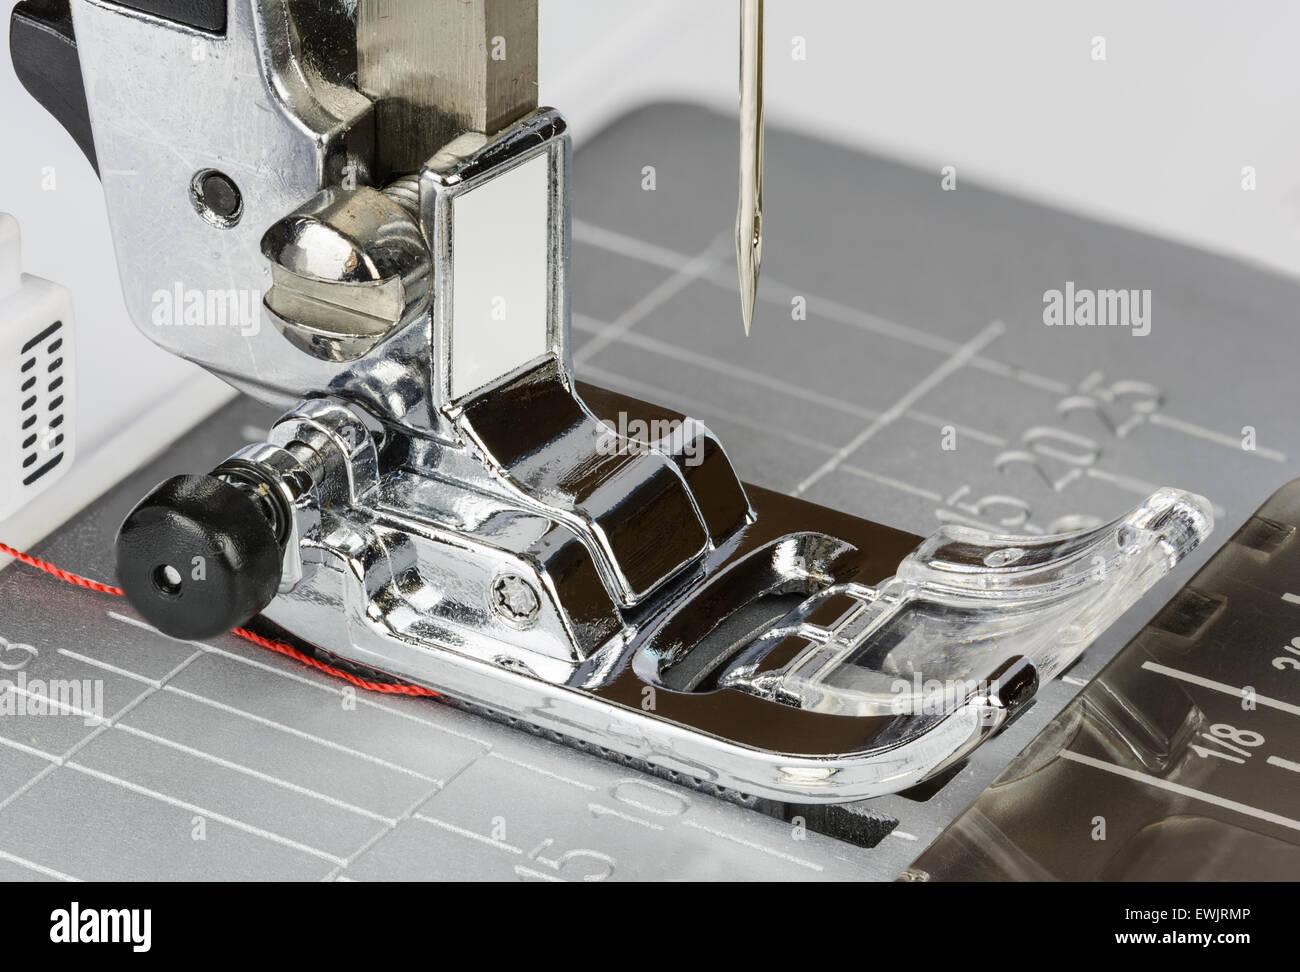 Acercamiento de los prensatelas y la aguja de una máquina de coser eléctrica. Imagen De Stock